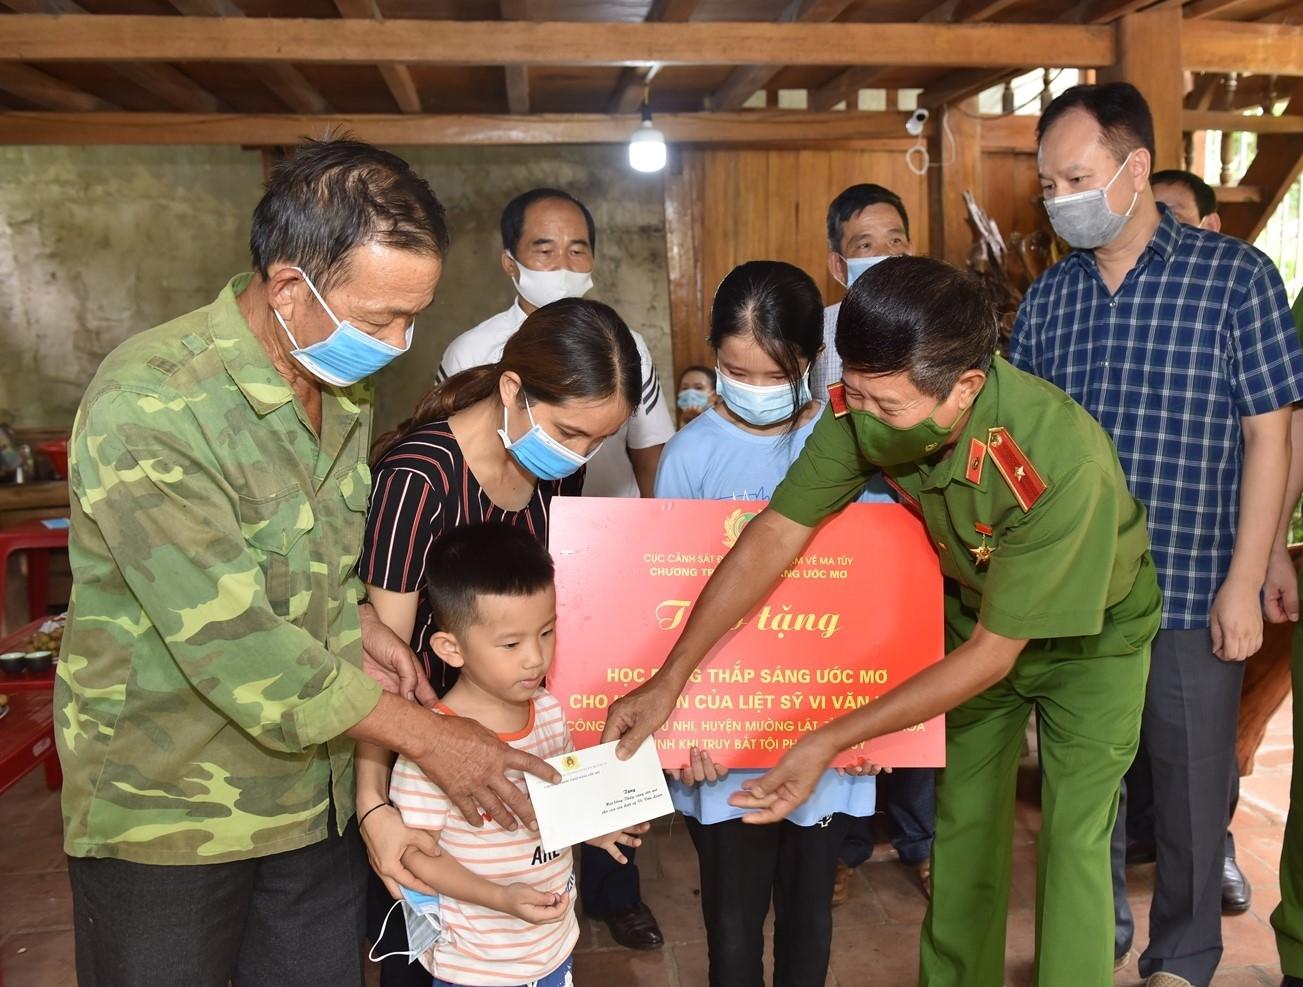 """Đoàn công tác trao tặng học bổng """"Thắp sáng ước mơ"""" cho 2 con của liệt sỹ Vi Văn Luân"""